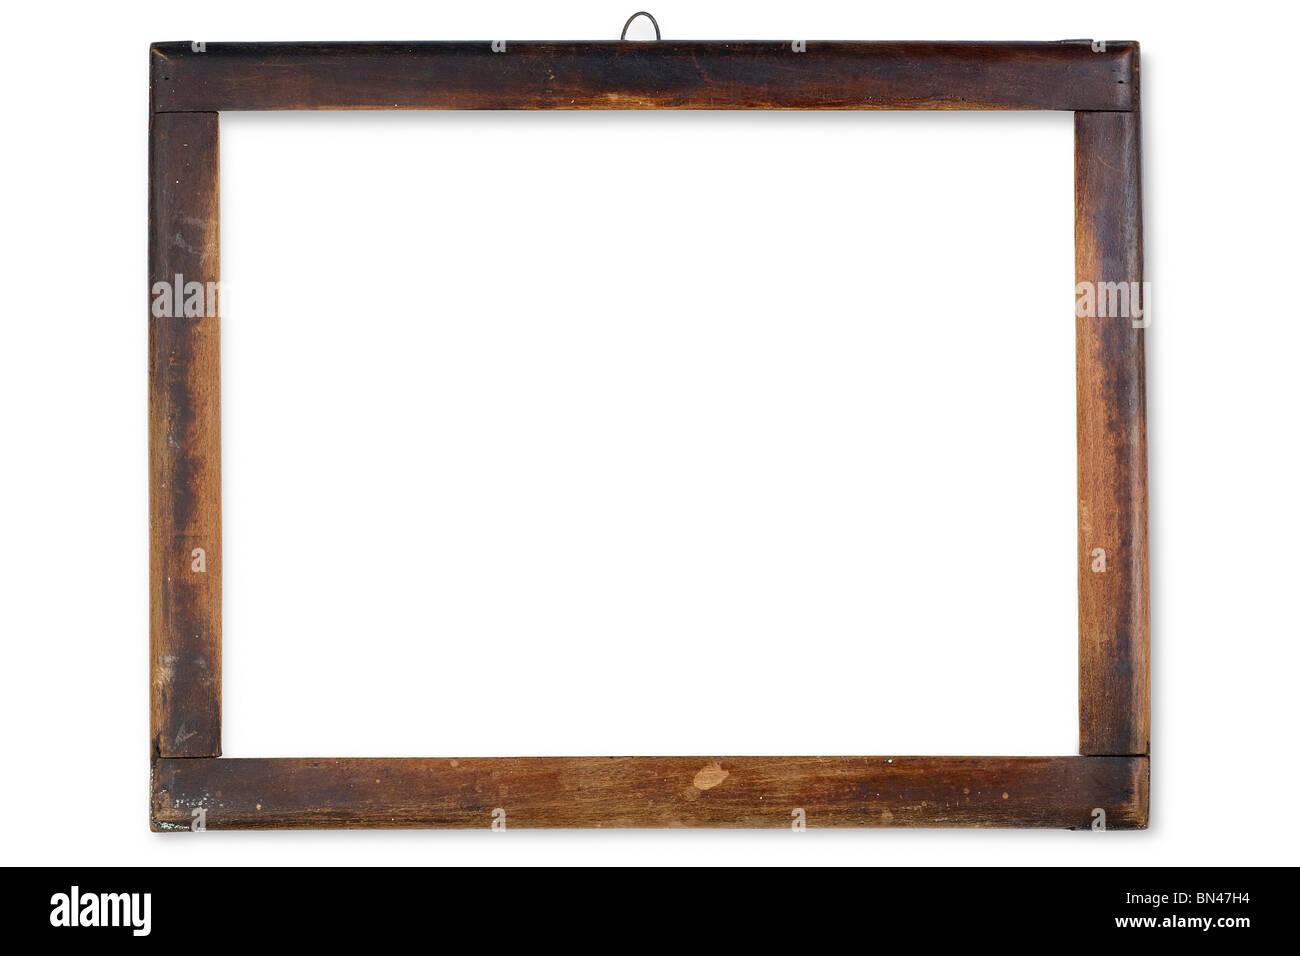 eine alte Holzrahmen auf weiß Stockbild